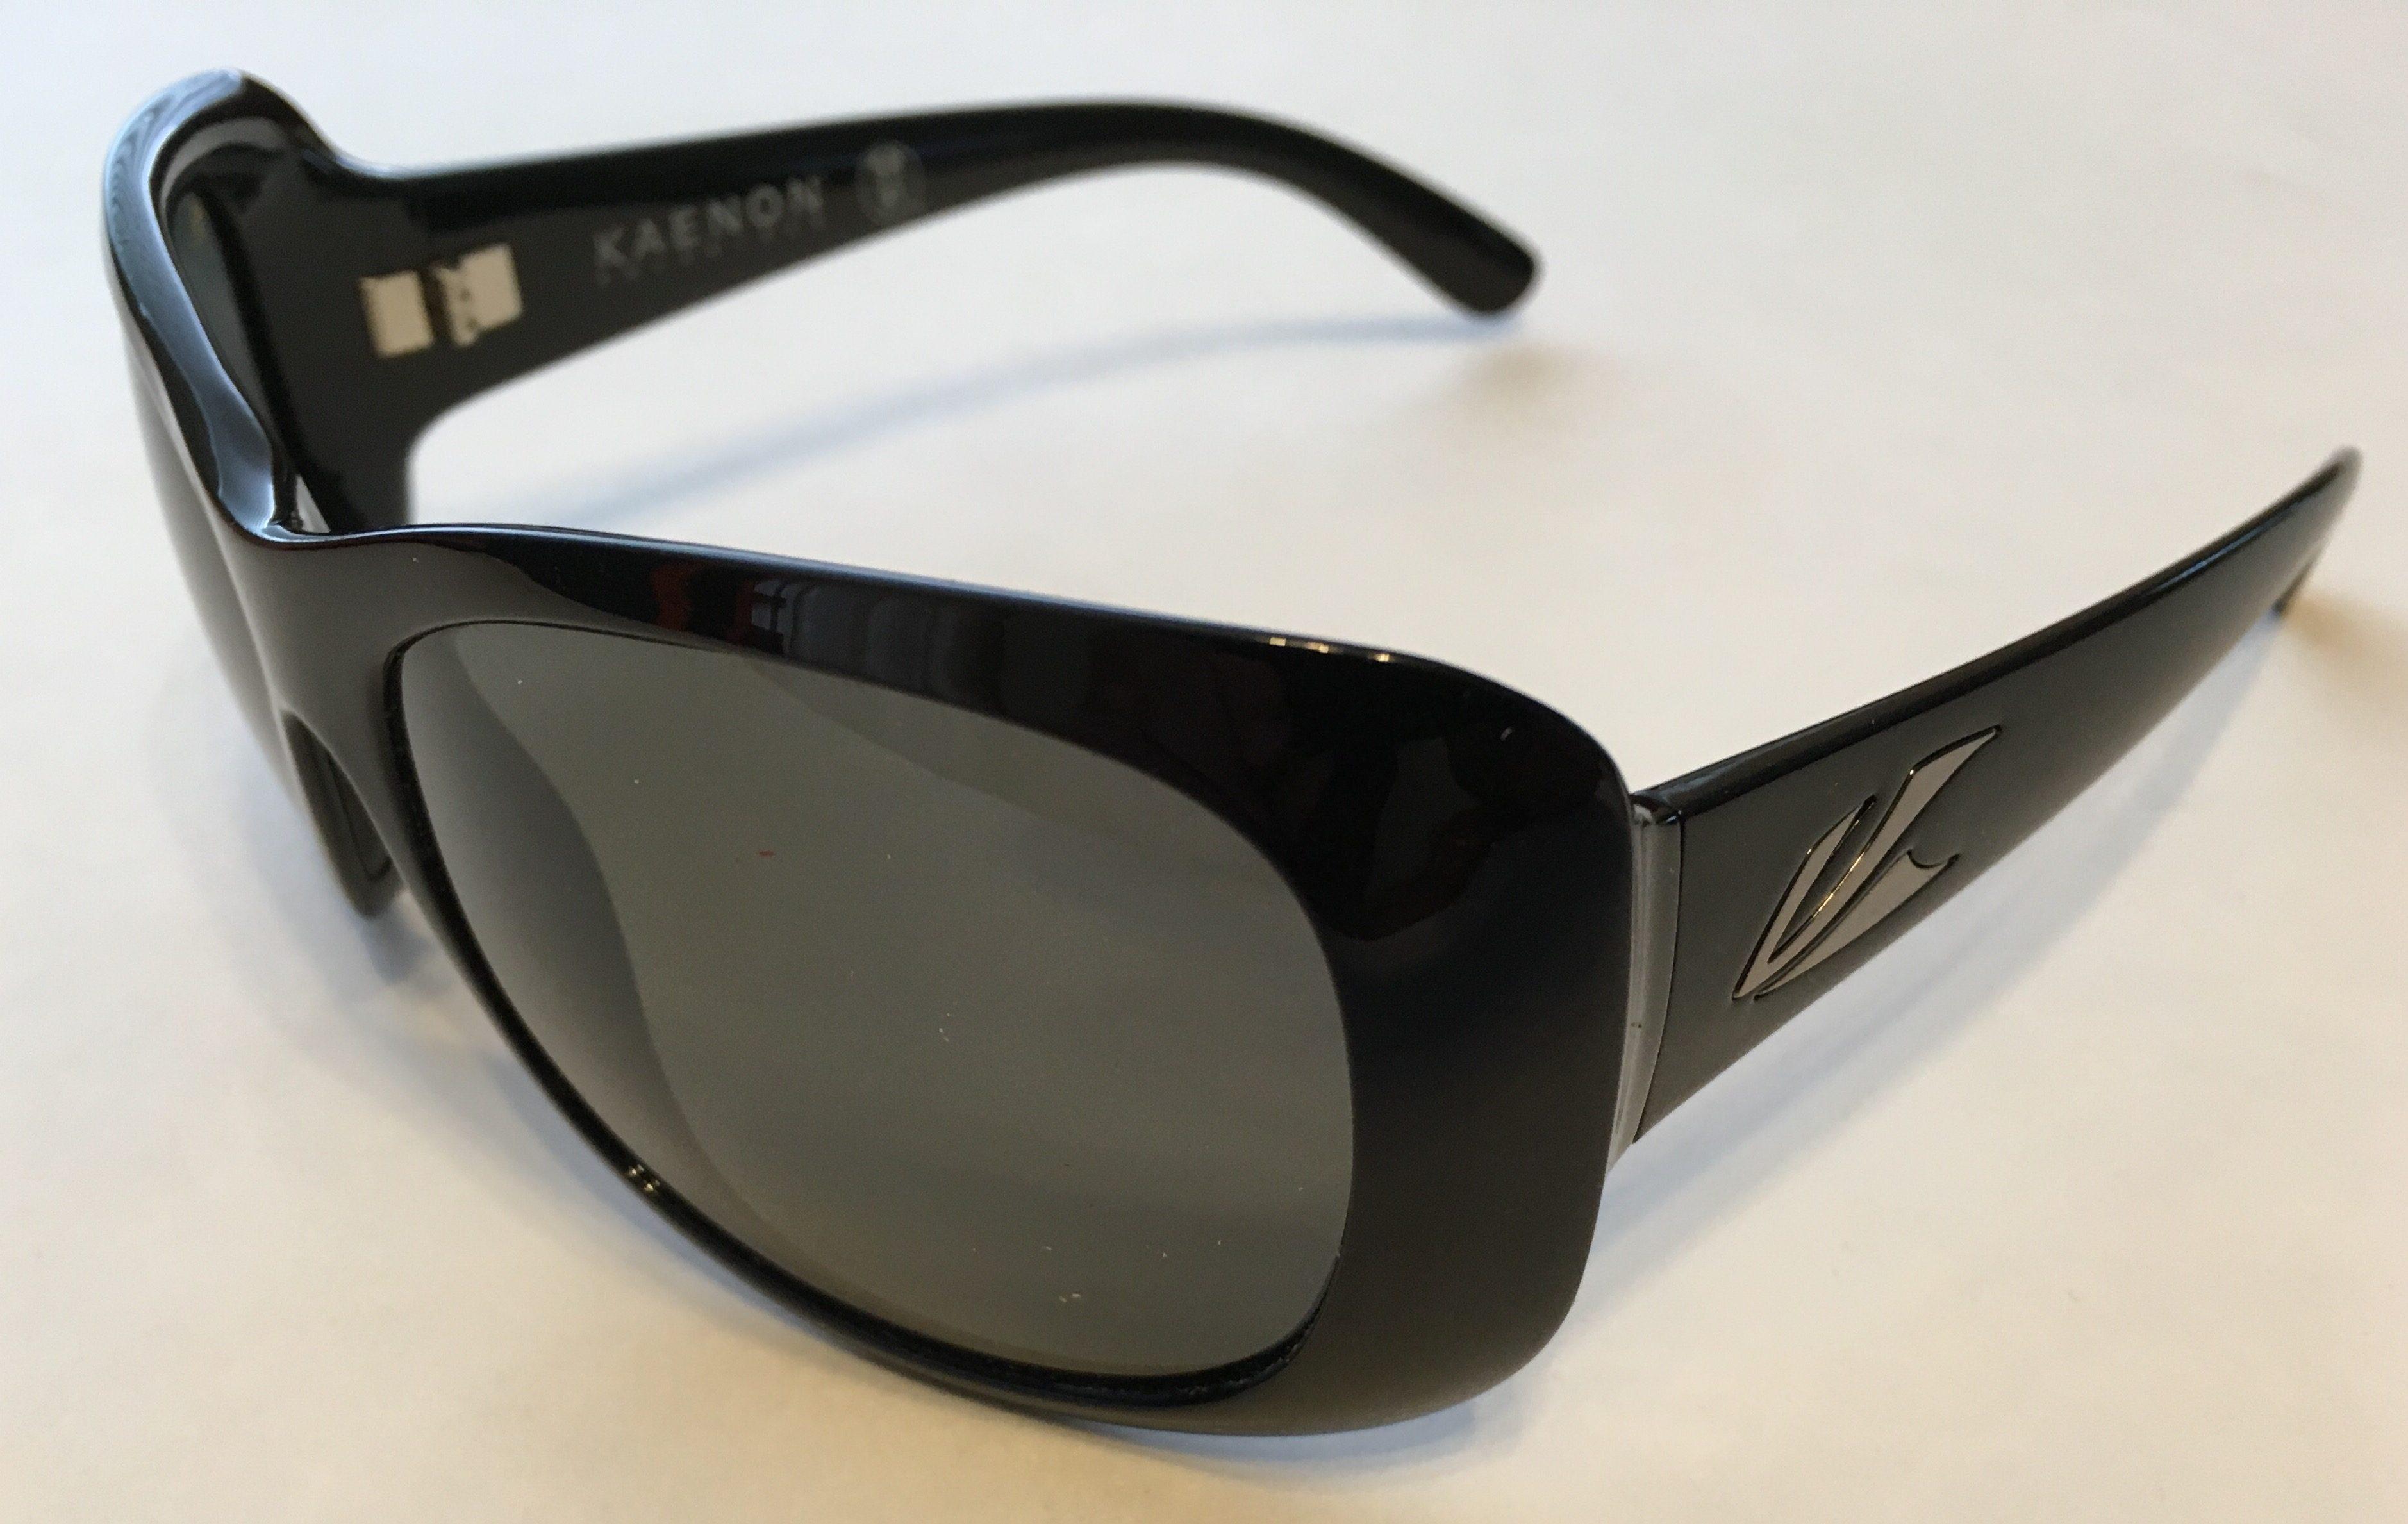 Kaenon Eden Sunglasses - Black Frame - POLARIZED Gray G12 Lens